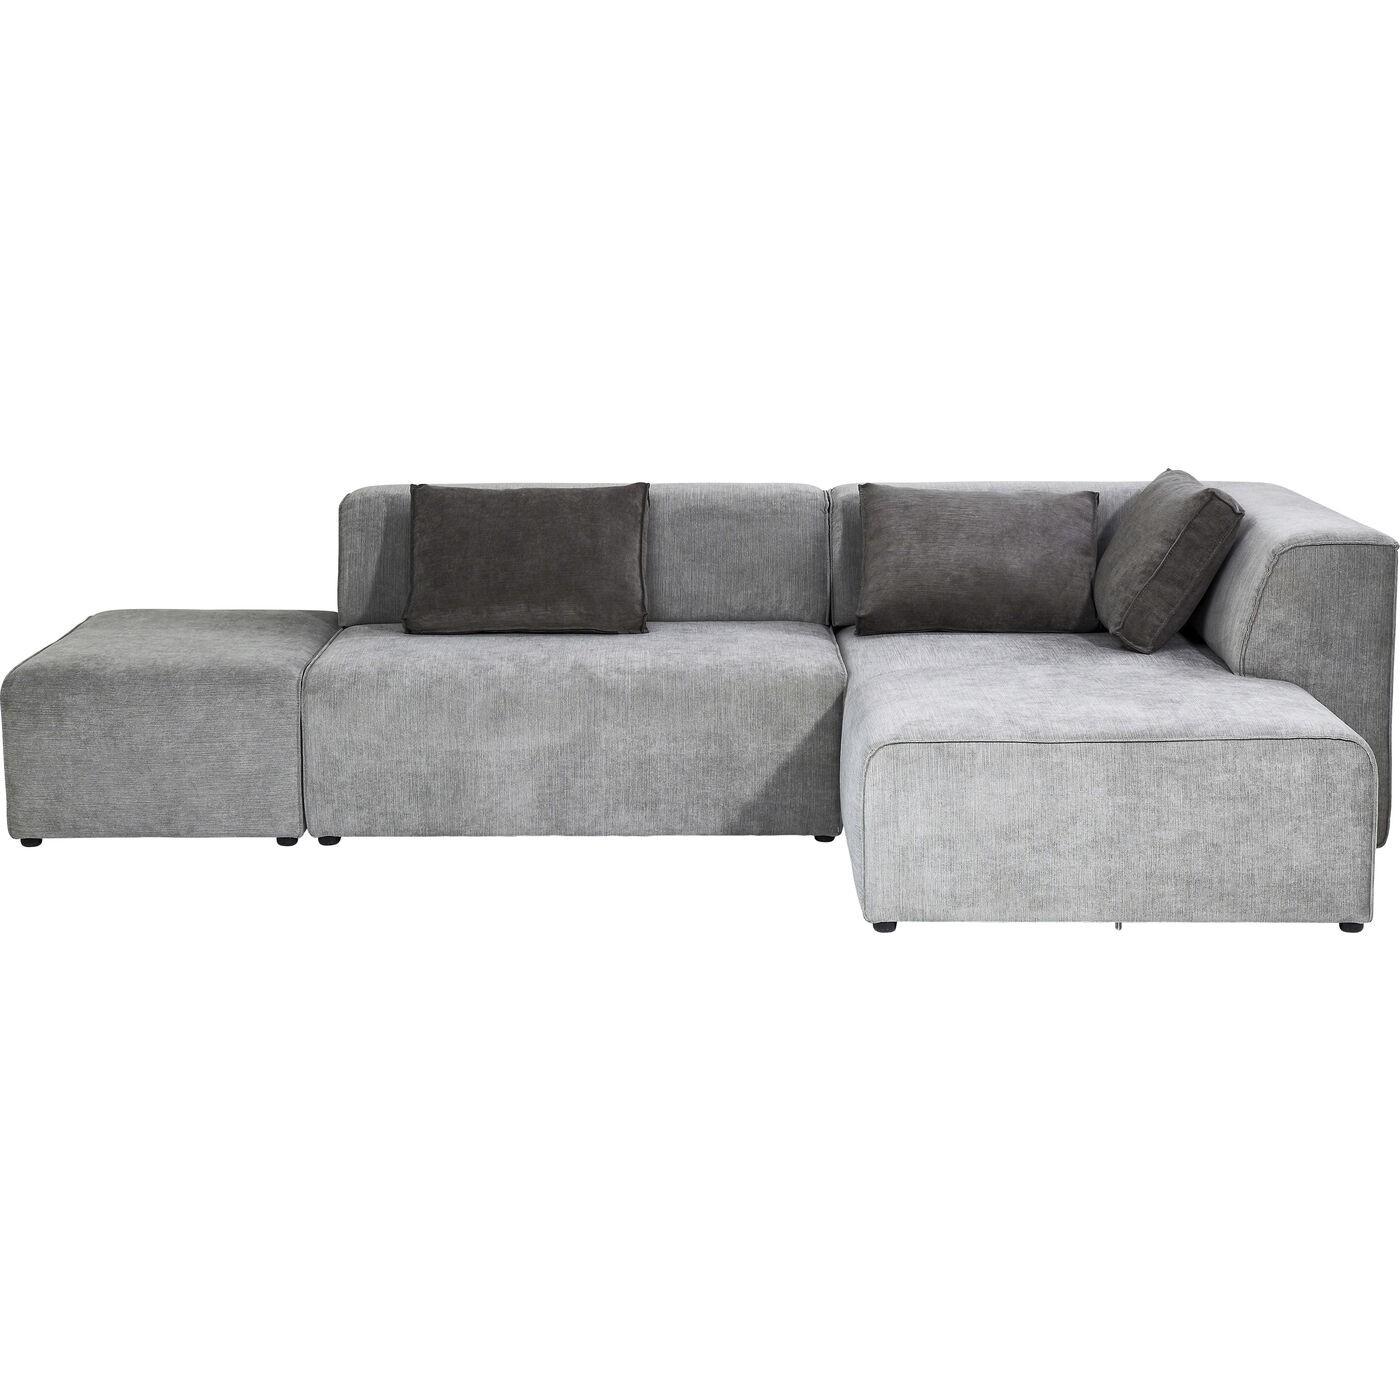 Canapé d'angle droit 4 places en tissu gris